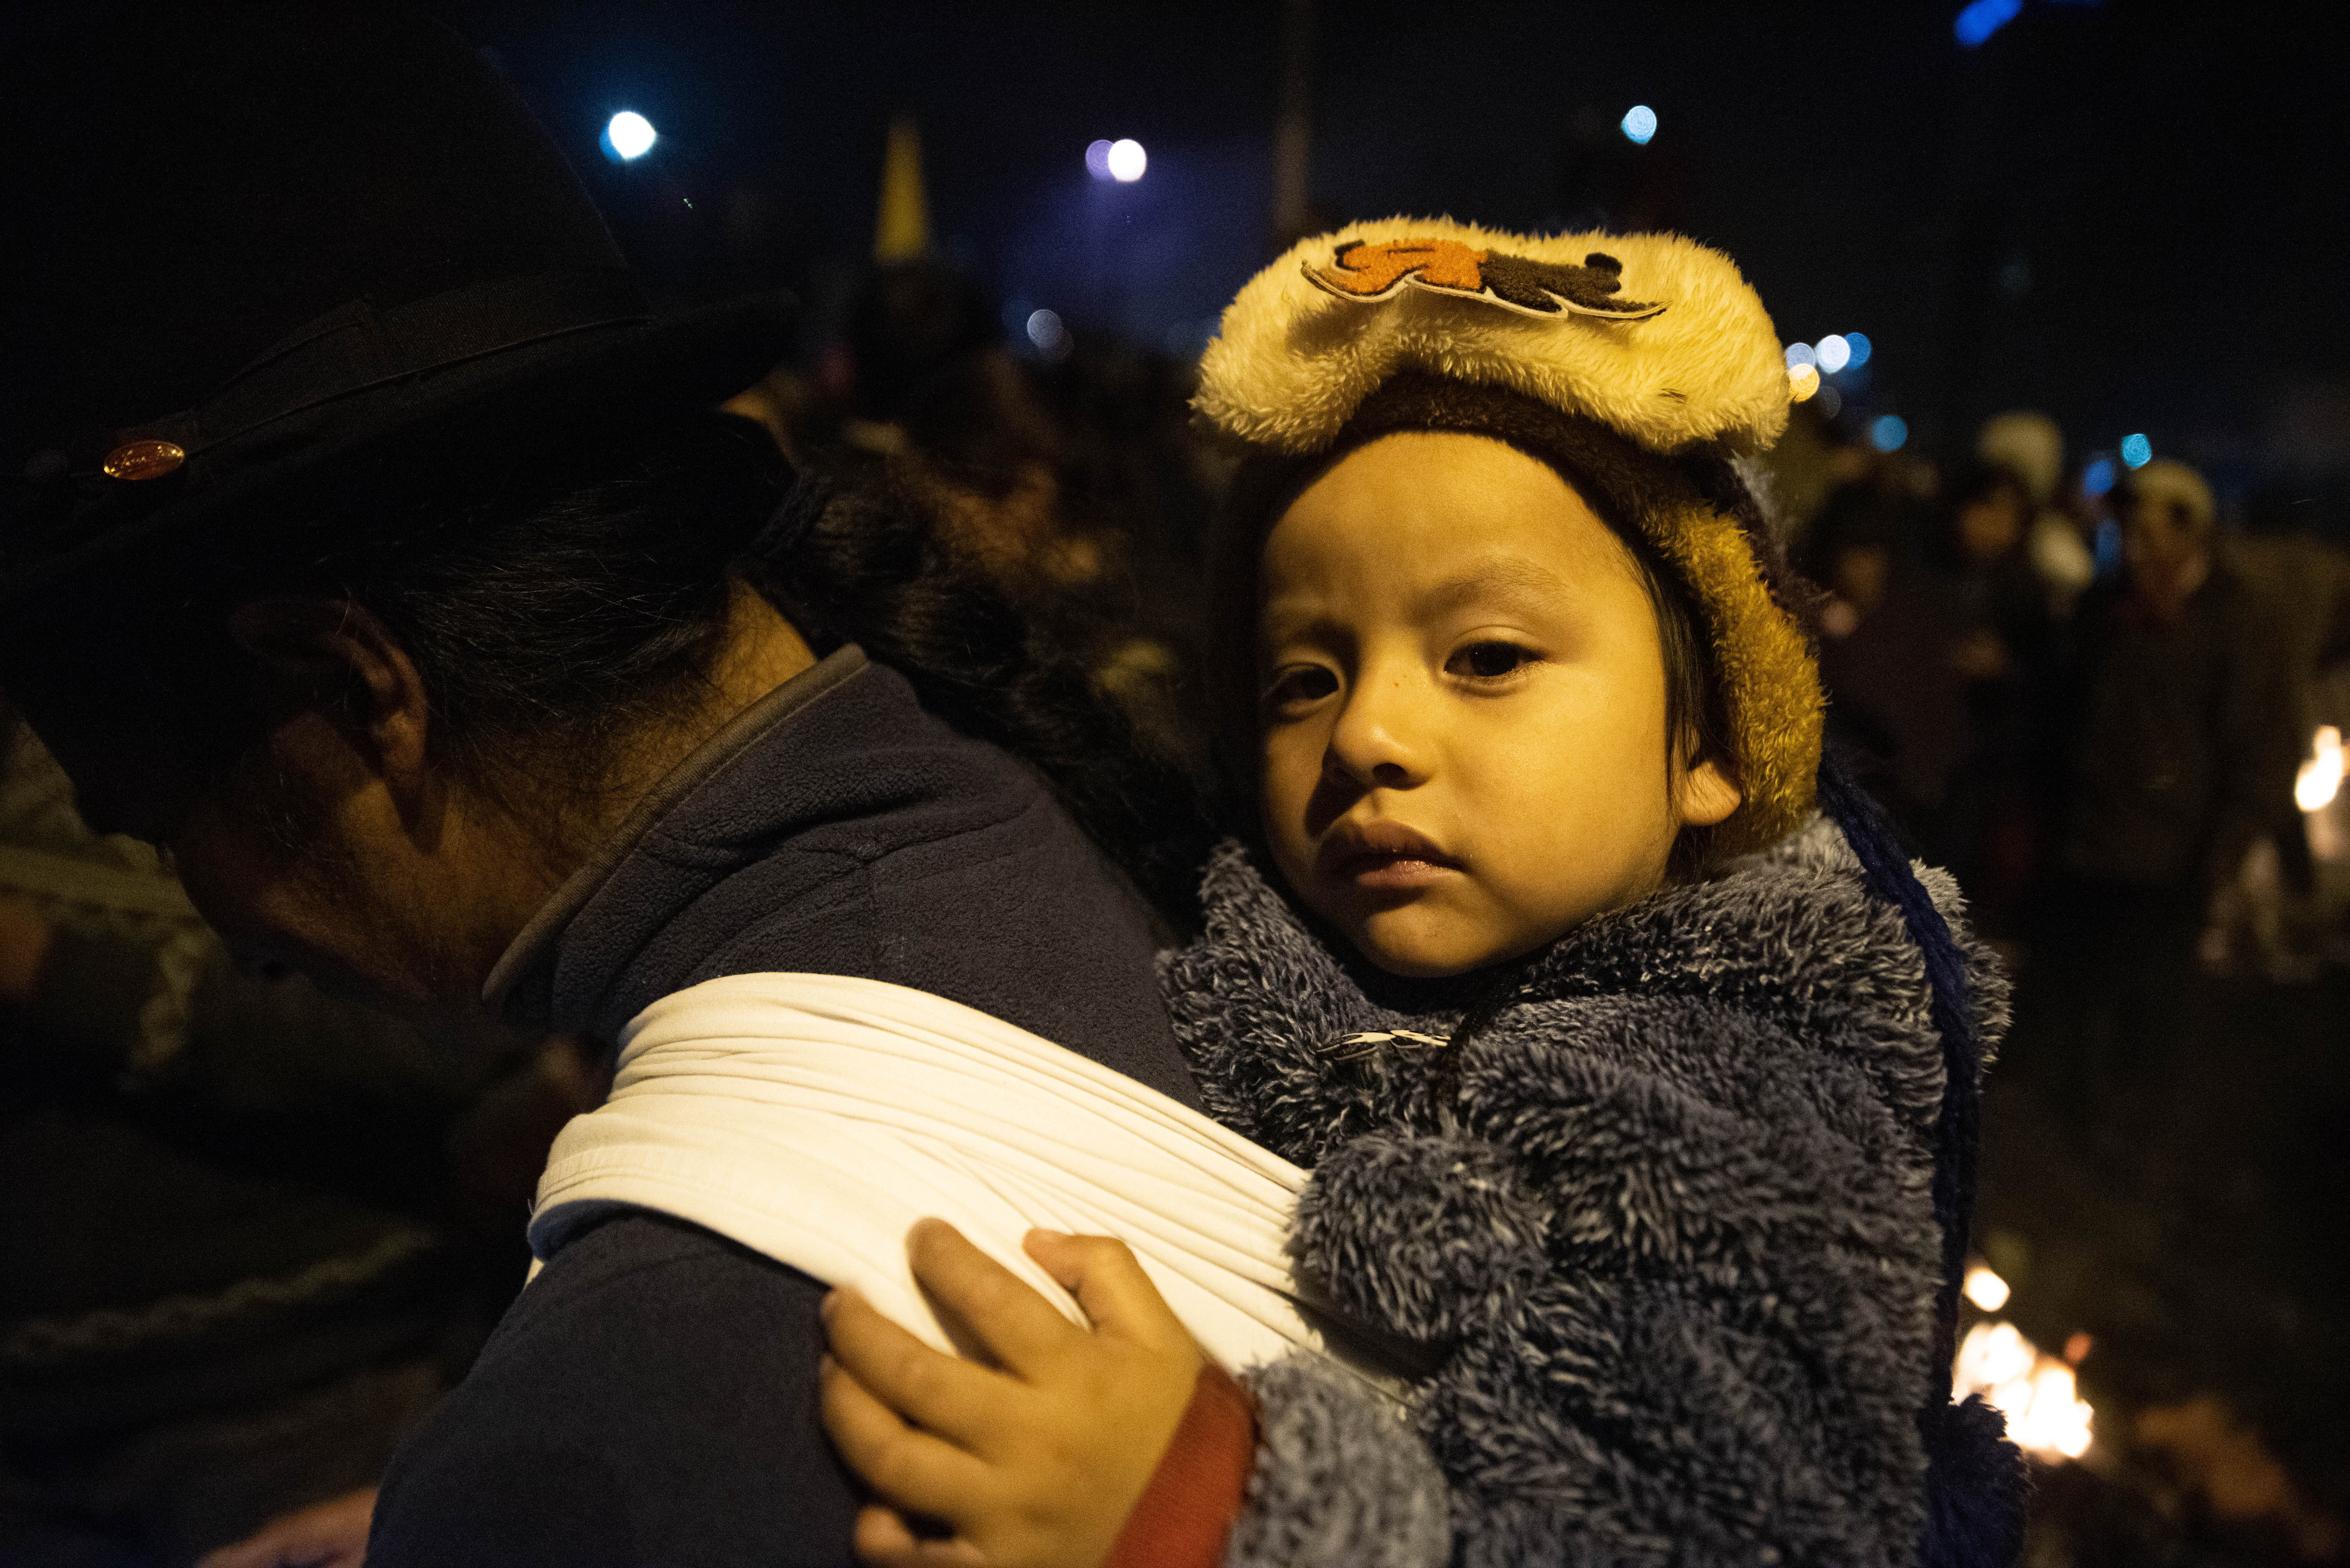 Un madre y sus bebé salieron a festejar como miles de otros quiteños que coparon las calles de la capital.